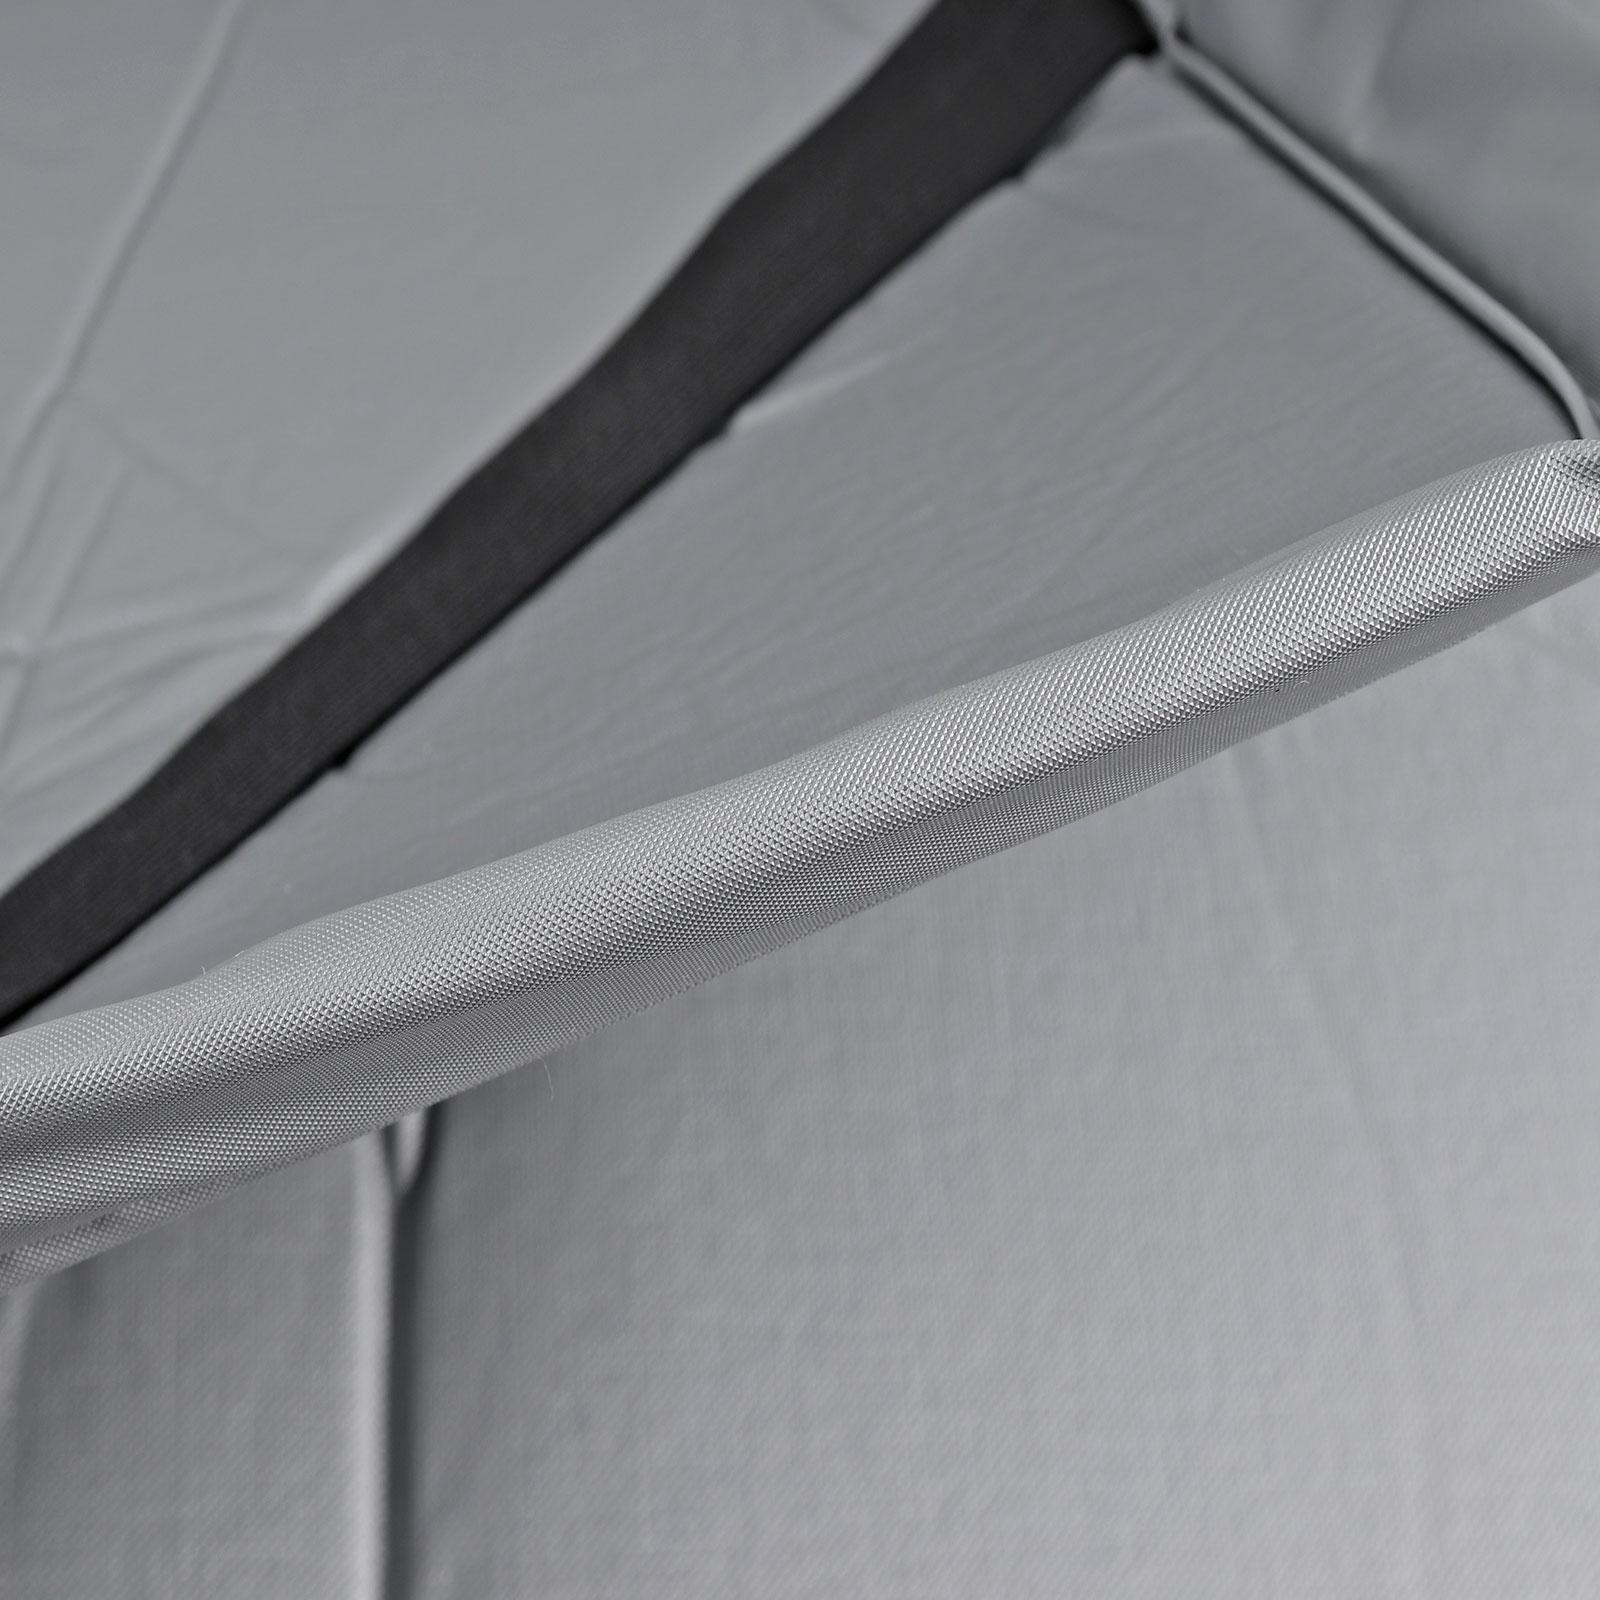 deiwo frontschutzplane isolierung gegen k lte und w rme. Black Bedroom Furniture Sets. Home Design Ideas